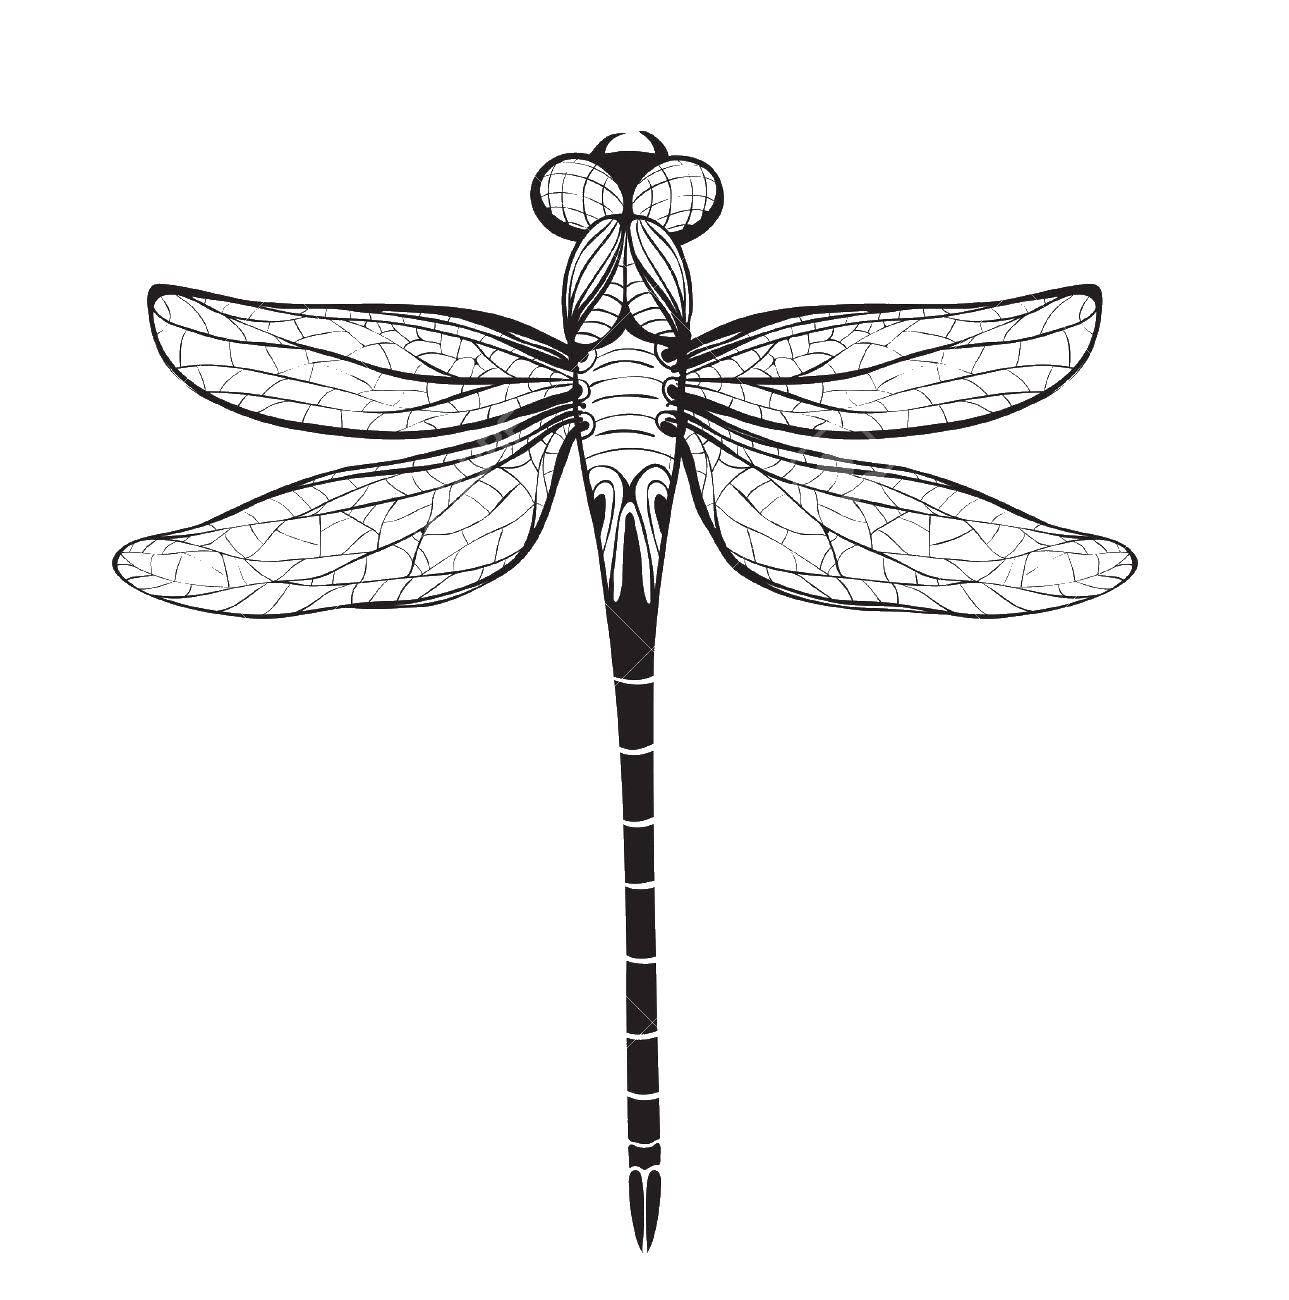 Раскраска Контуры насекомые Скачать майнкрафт, .  Распечатать ,майнкрафт,